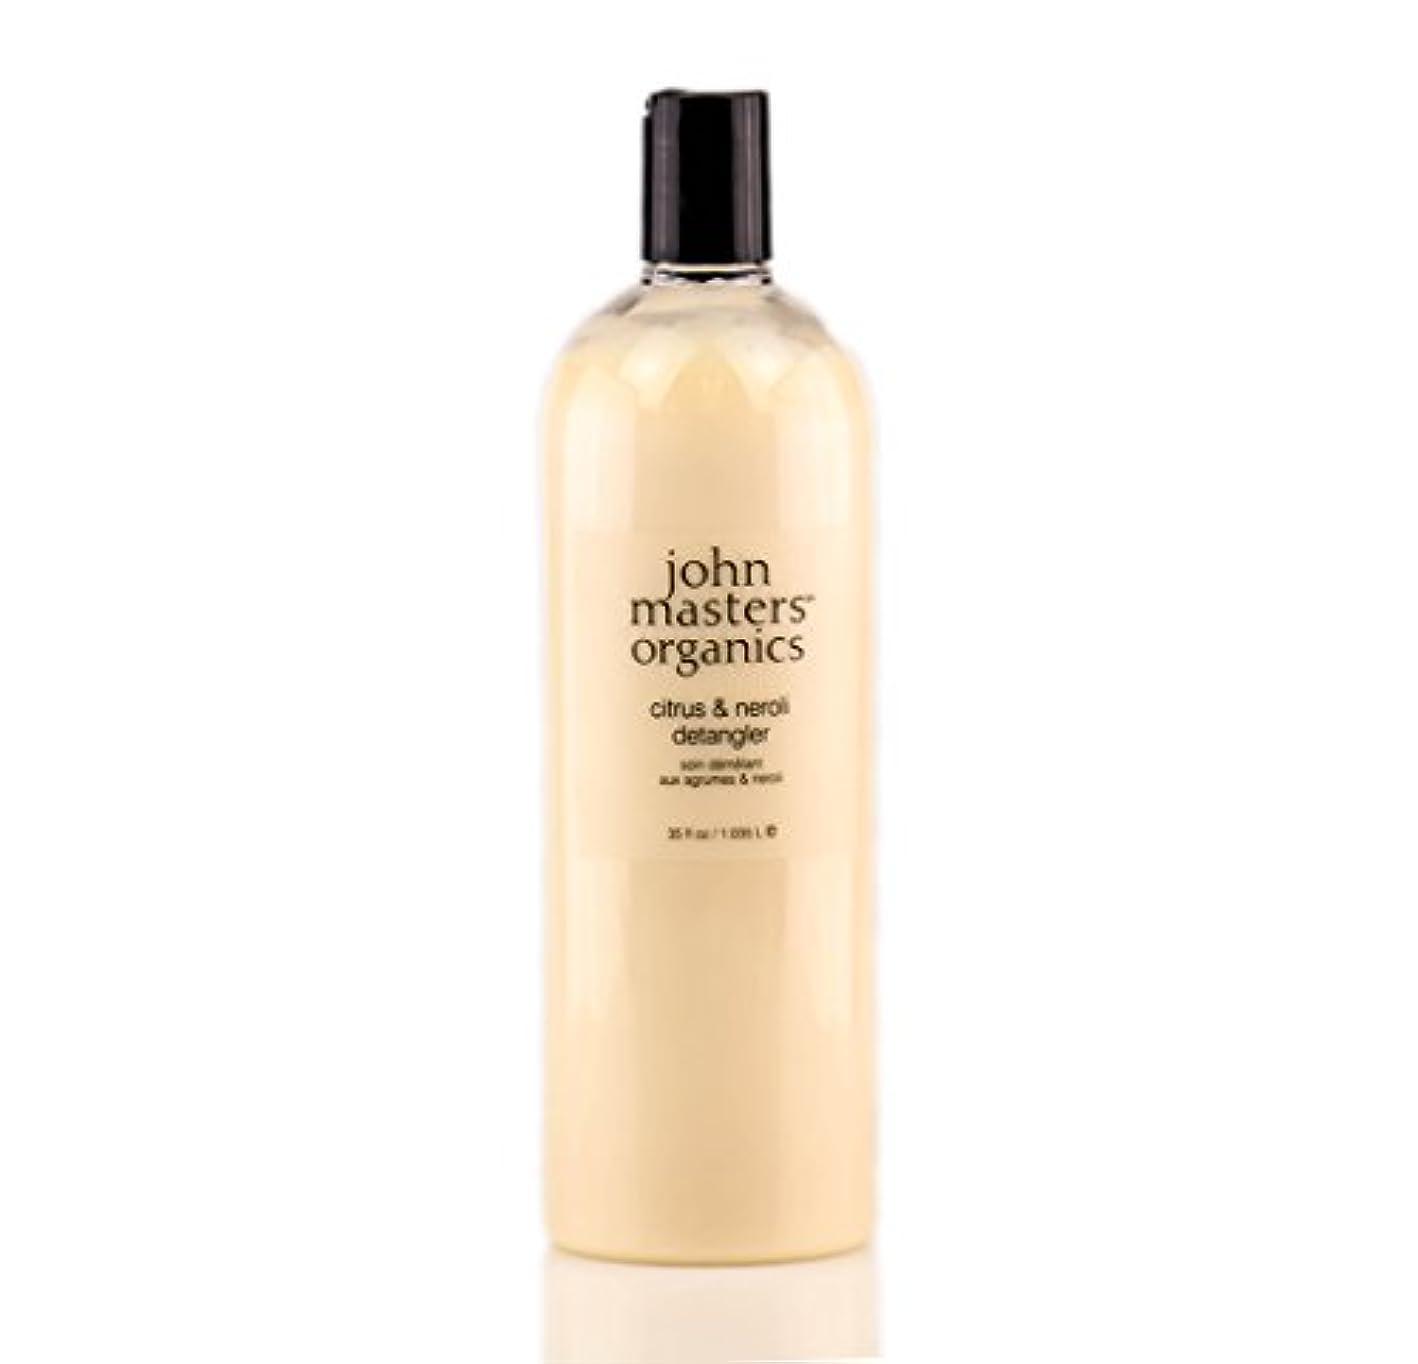 血より平らな塗抹ジョンマスターオーガニック シトラス&ネロリデタングラー ビッグボトル ポンプなし 1035ml